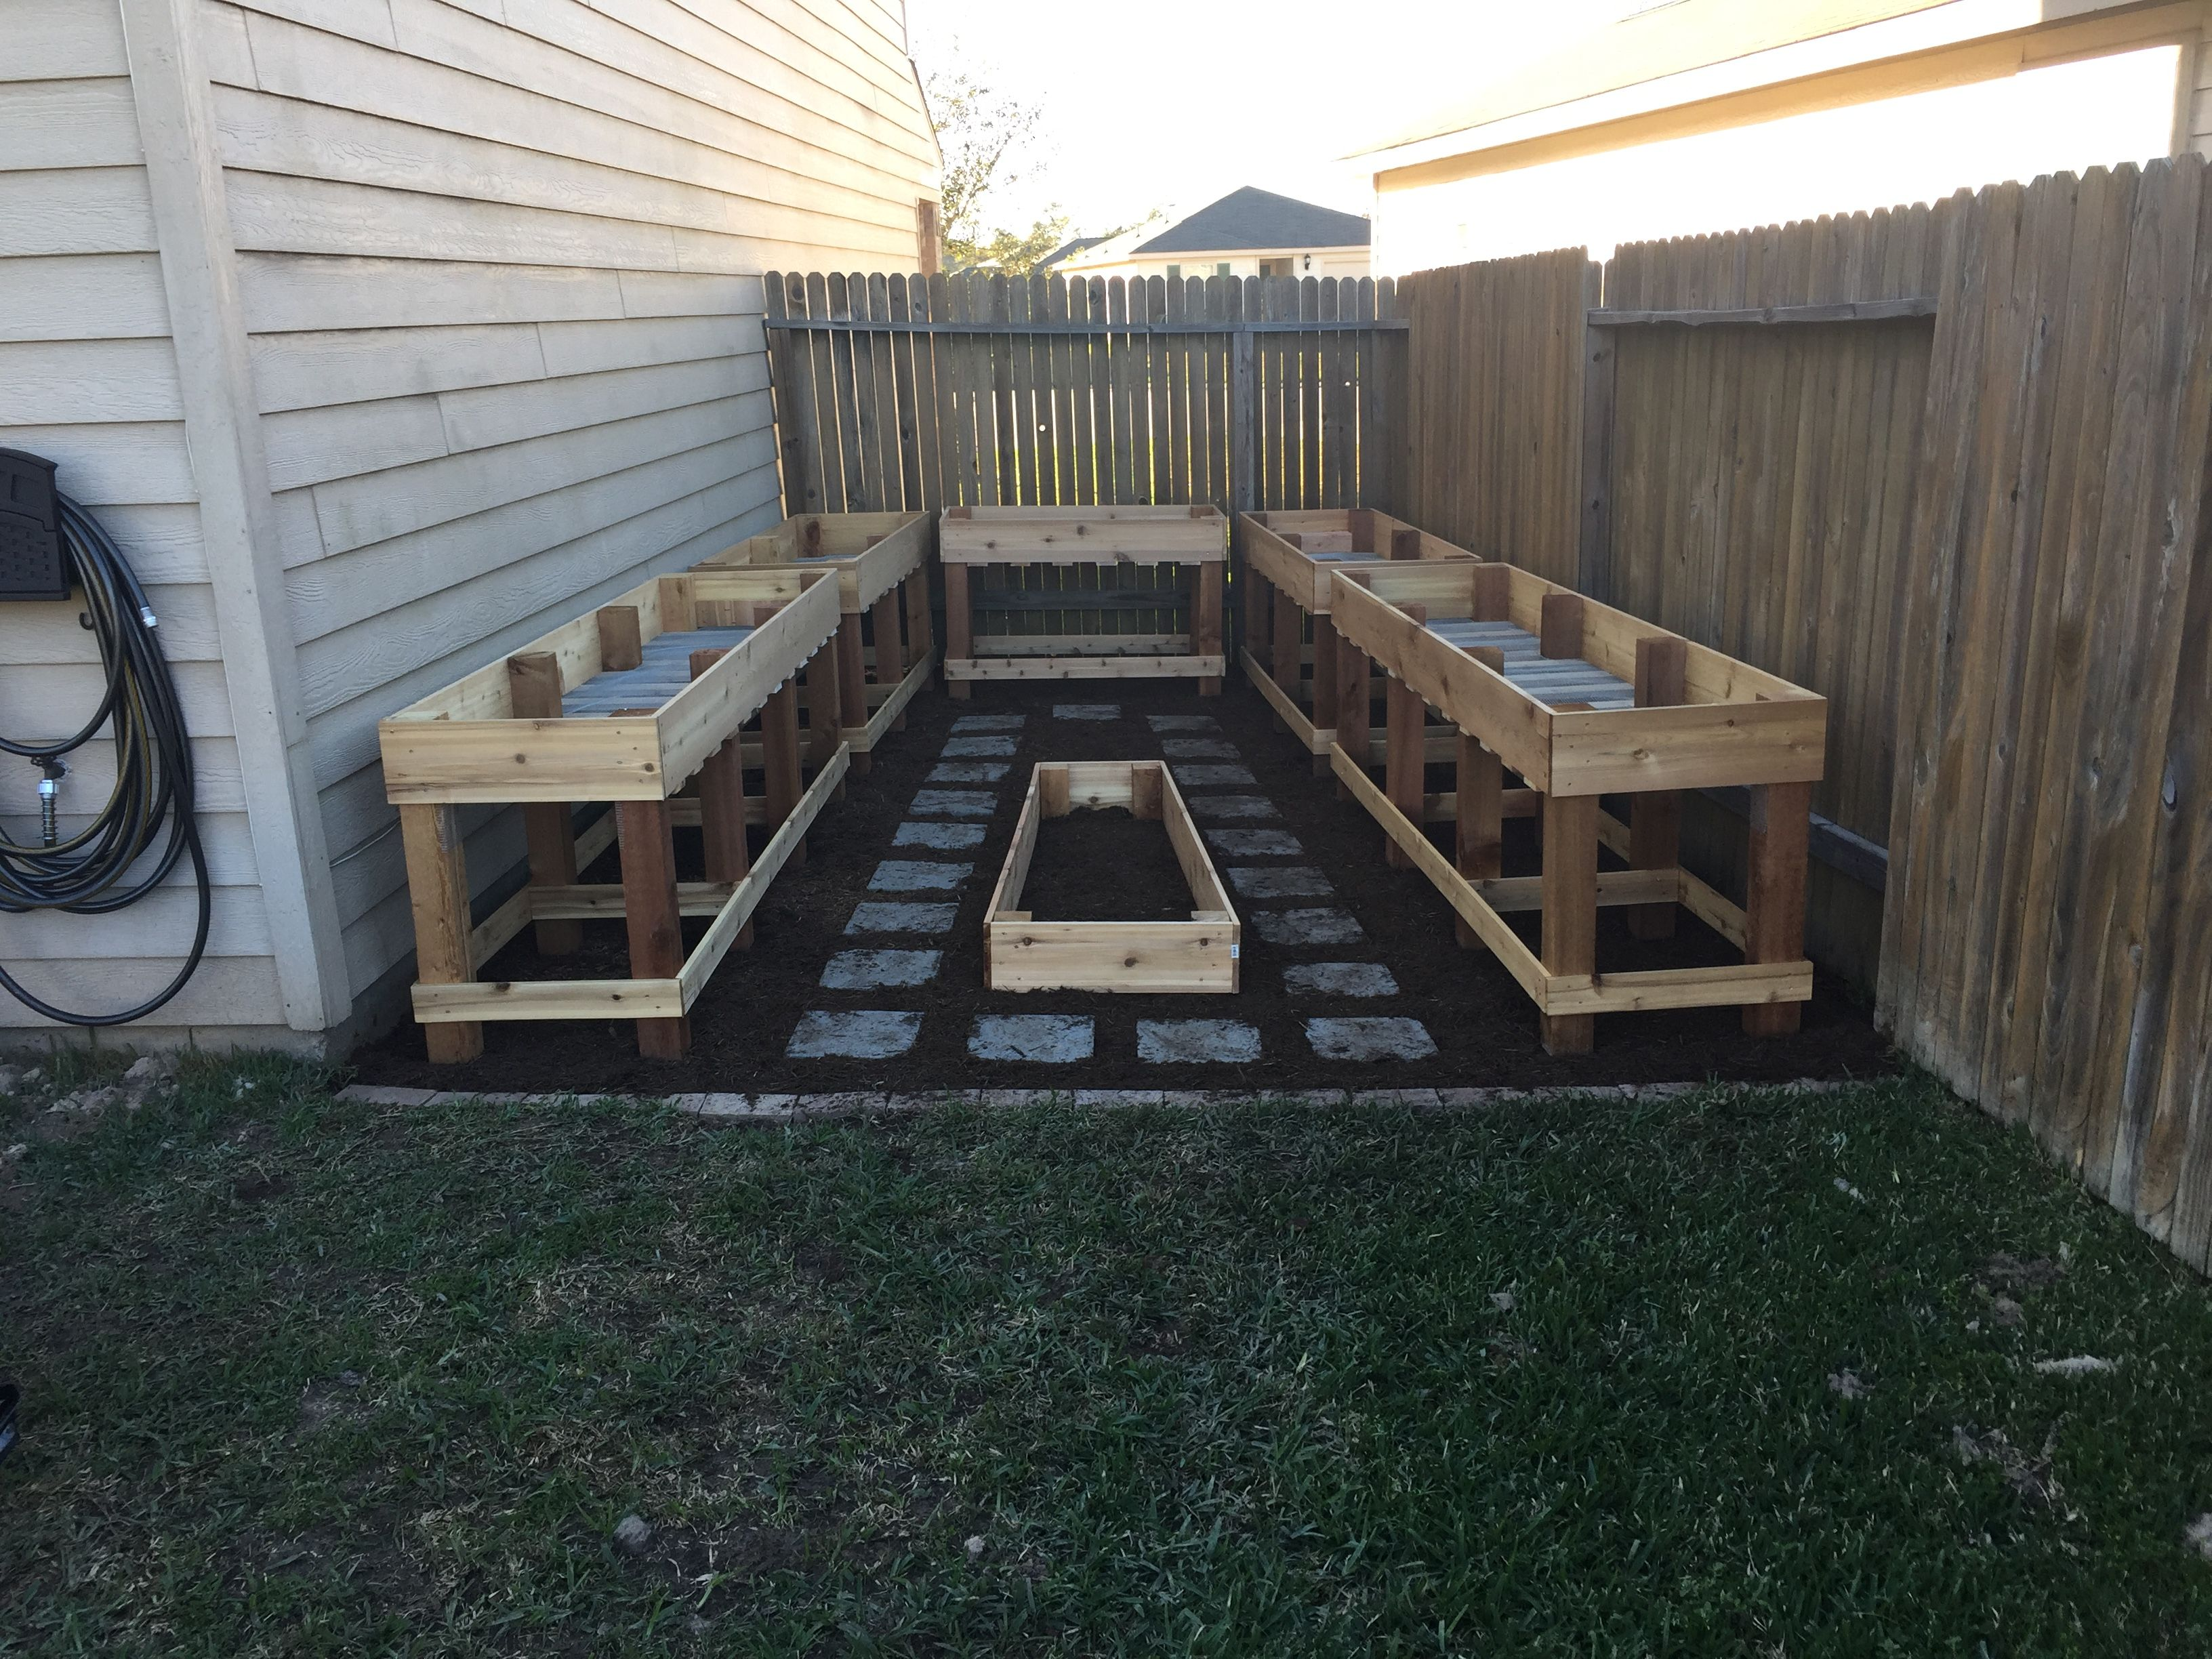 ana white custom counter height garden boxes diy projects - Garden Boxes Diy